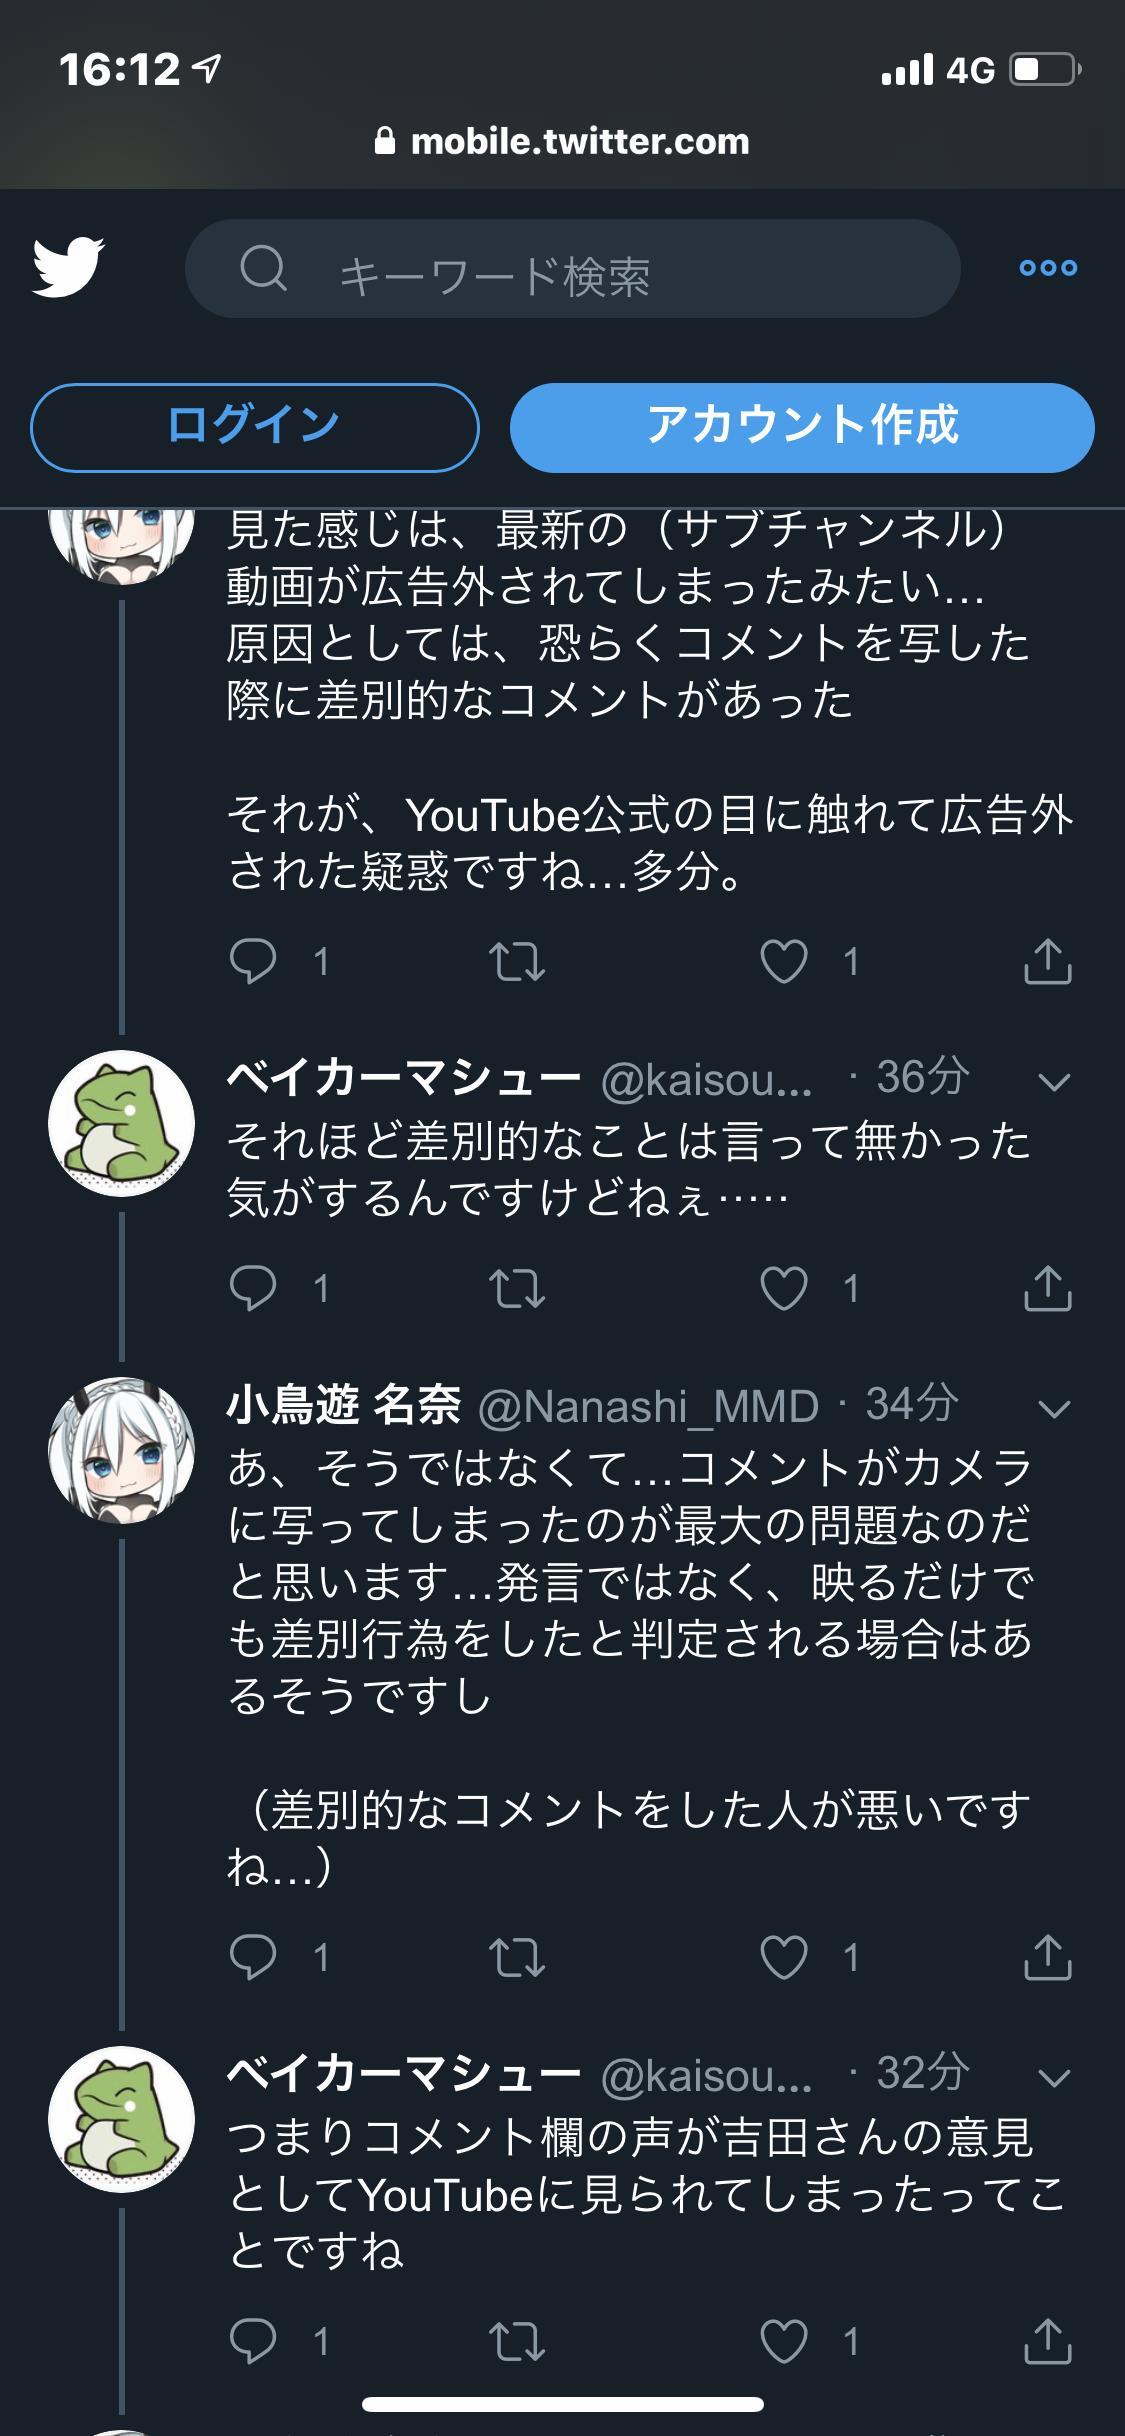 吉田製作所「ドンキPCディスったら広告はがされた。破産寸前です。」